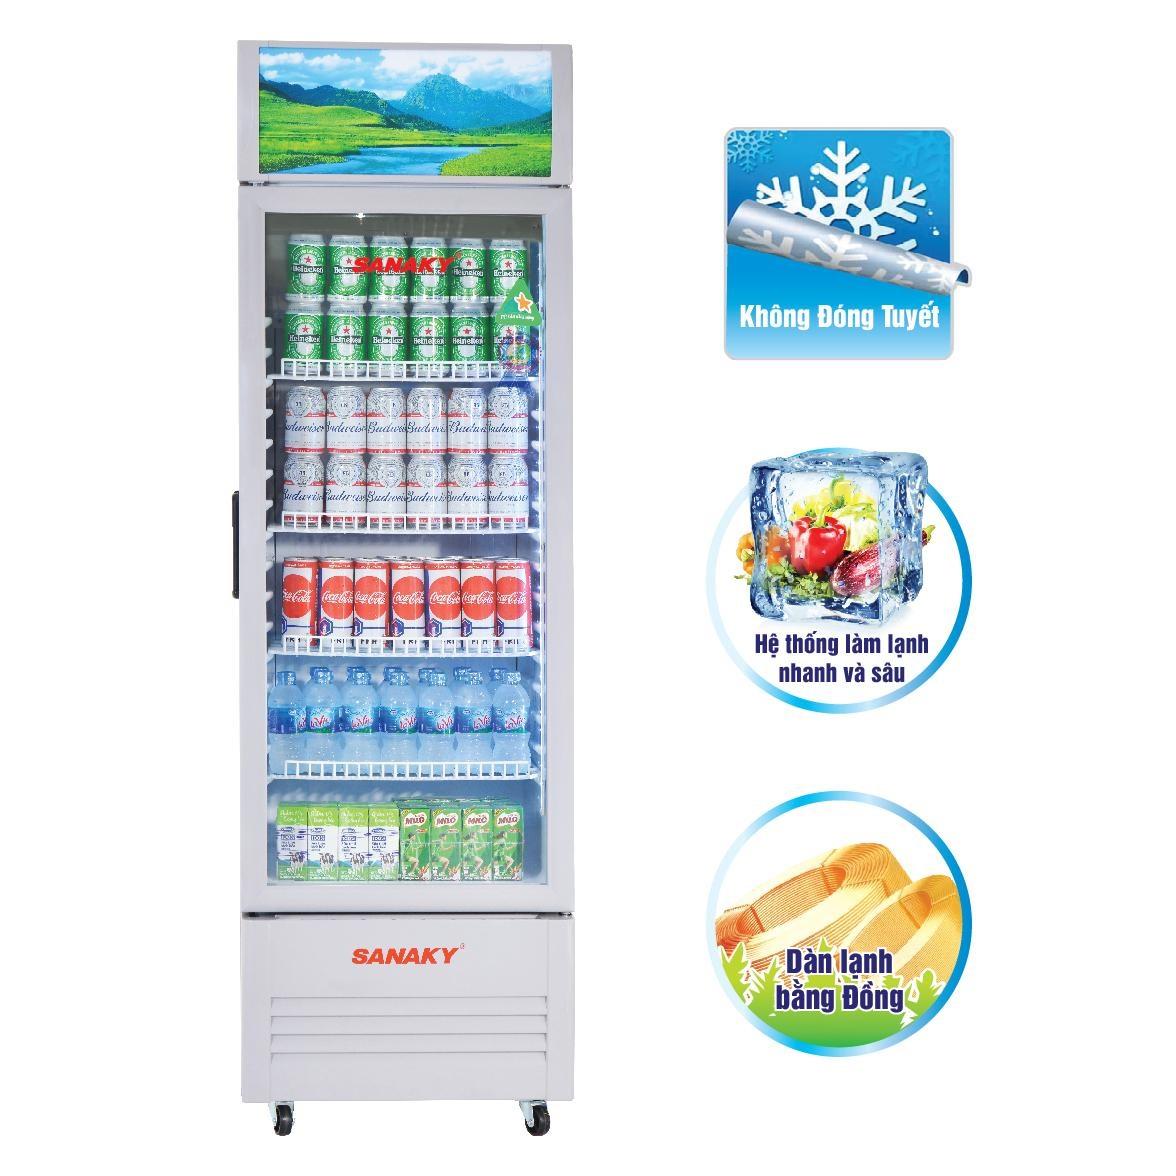 Tủ Mát Sanaky VH-359KL 290 Lít Dàn Đồng